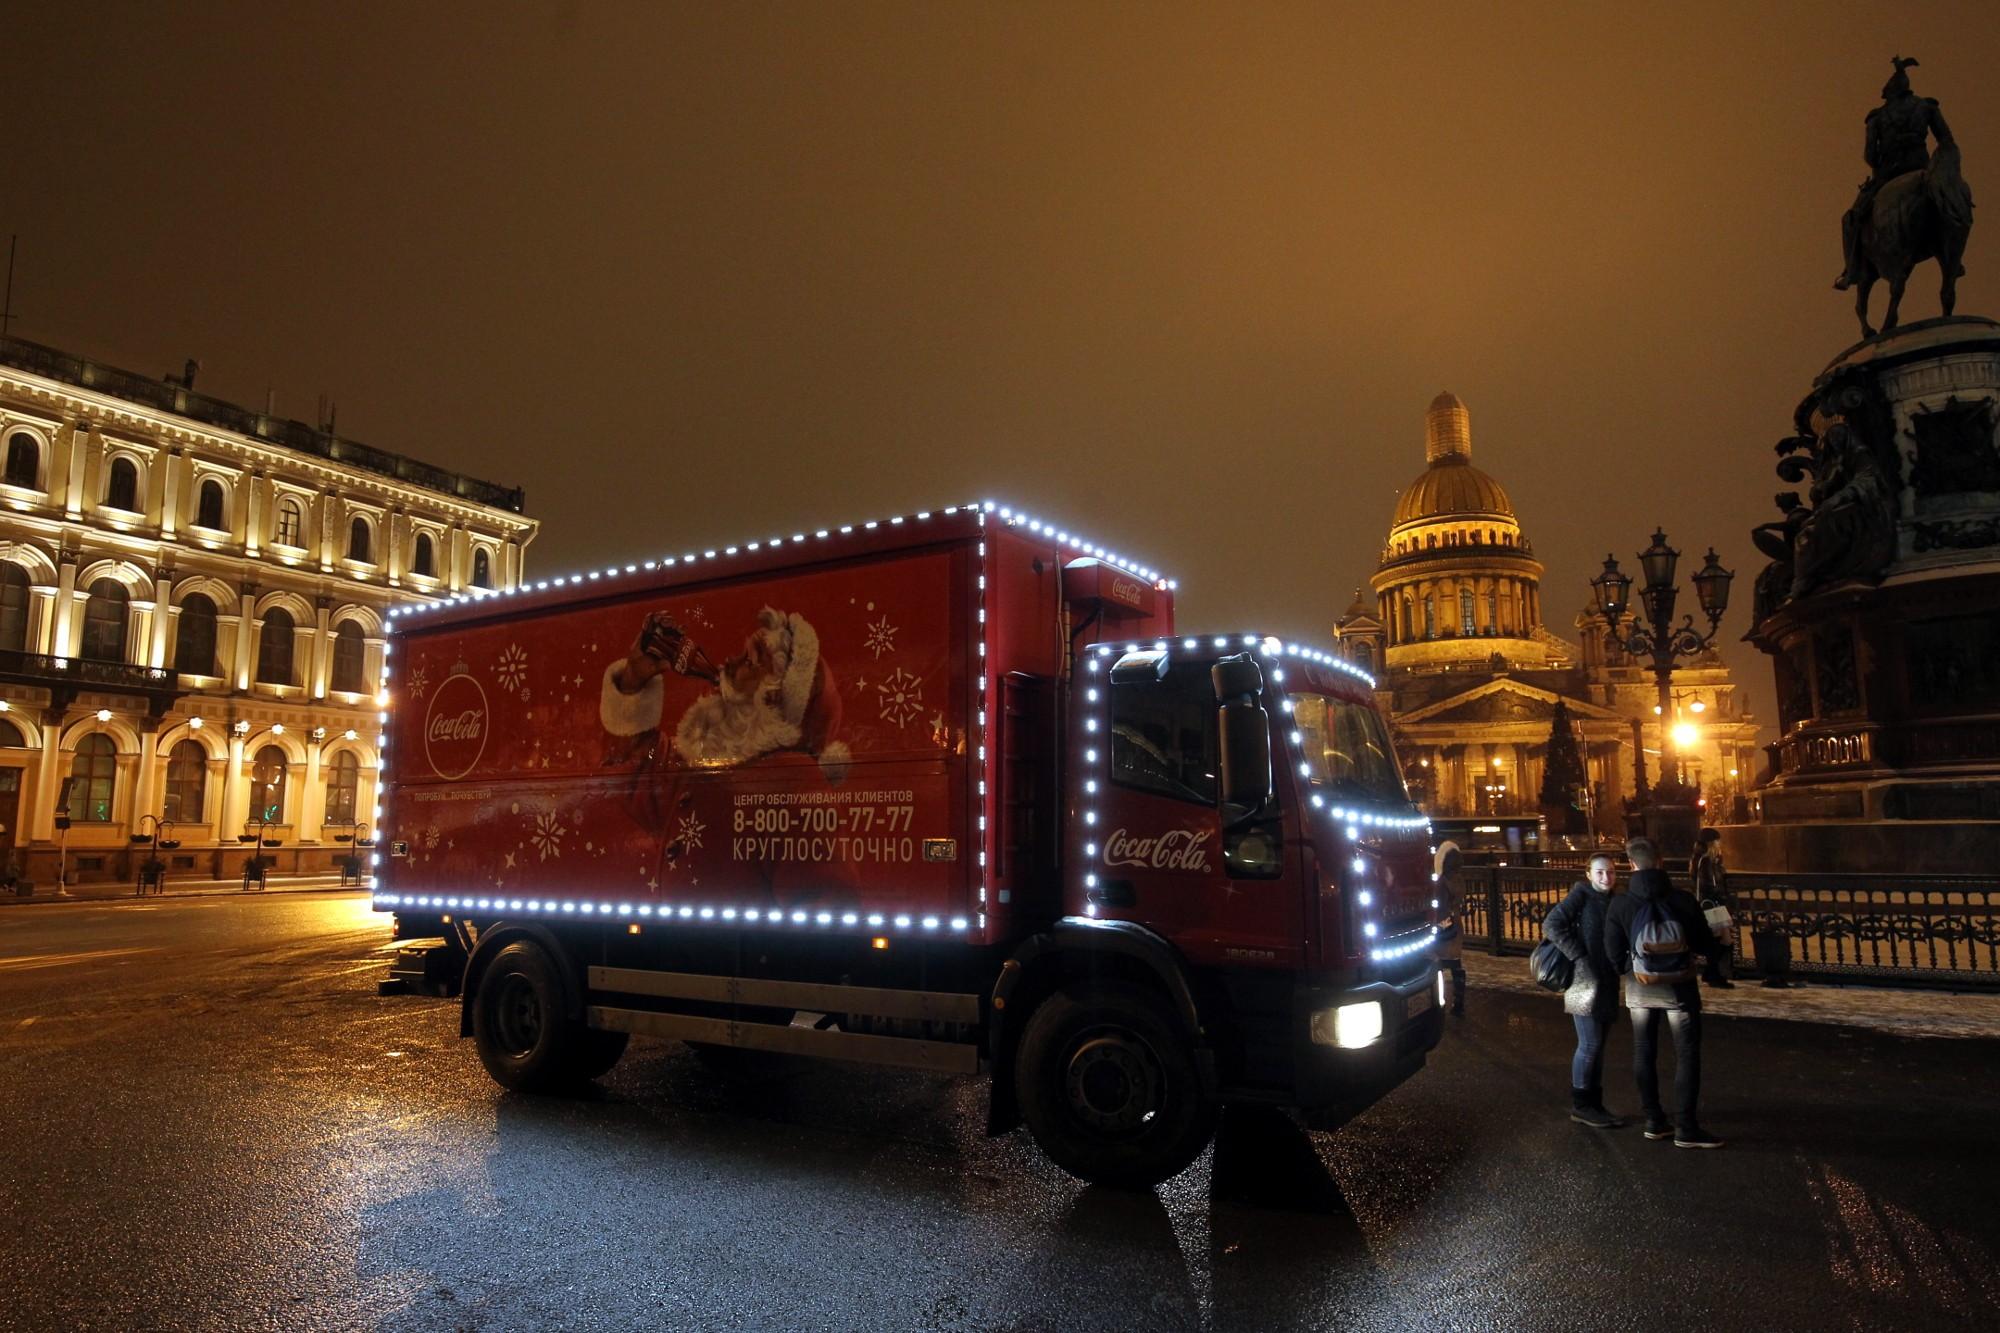 рождественский караван coca cola новый год